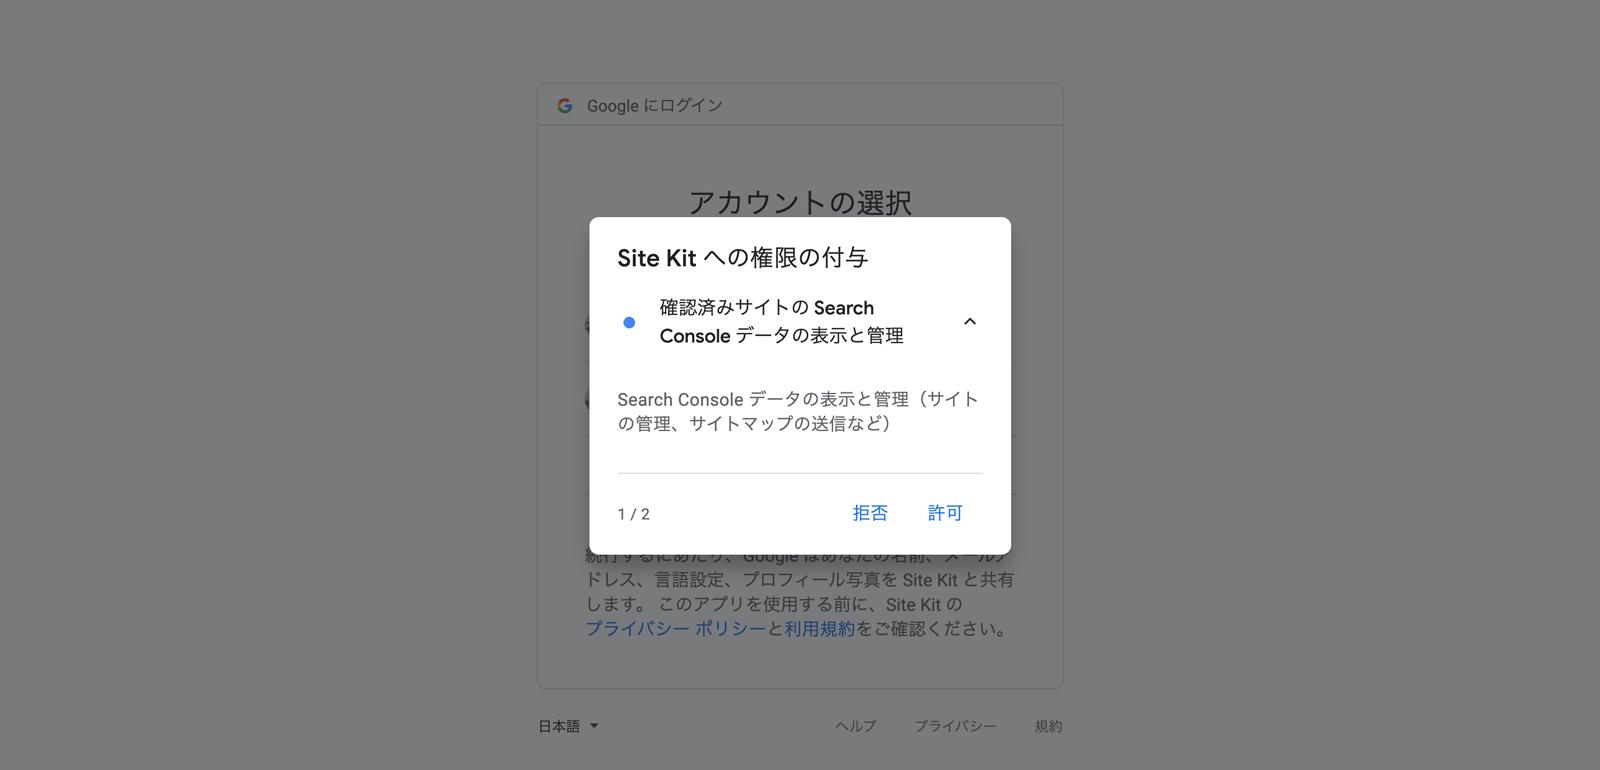 Site Kitへ権限を付与する